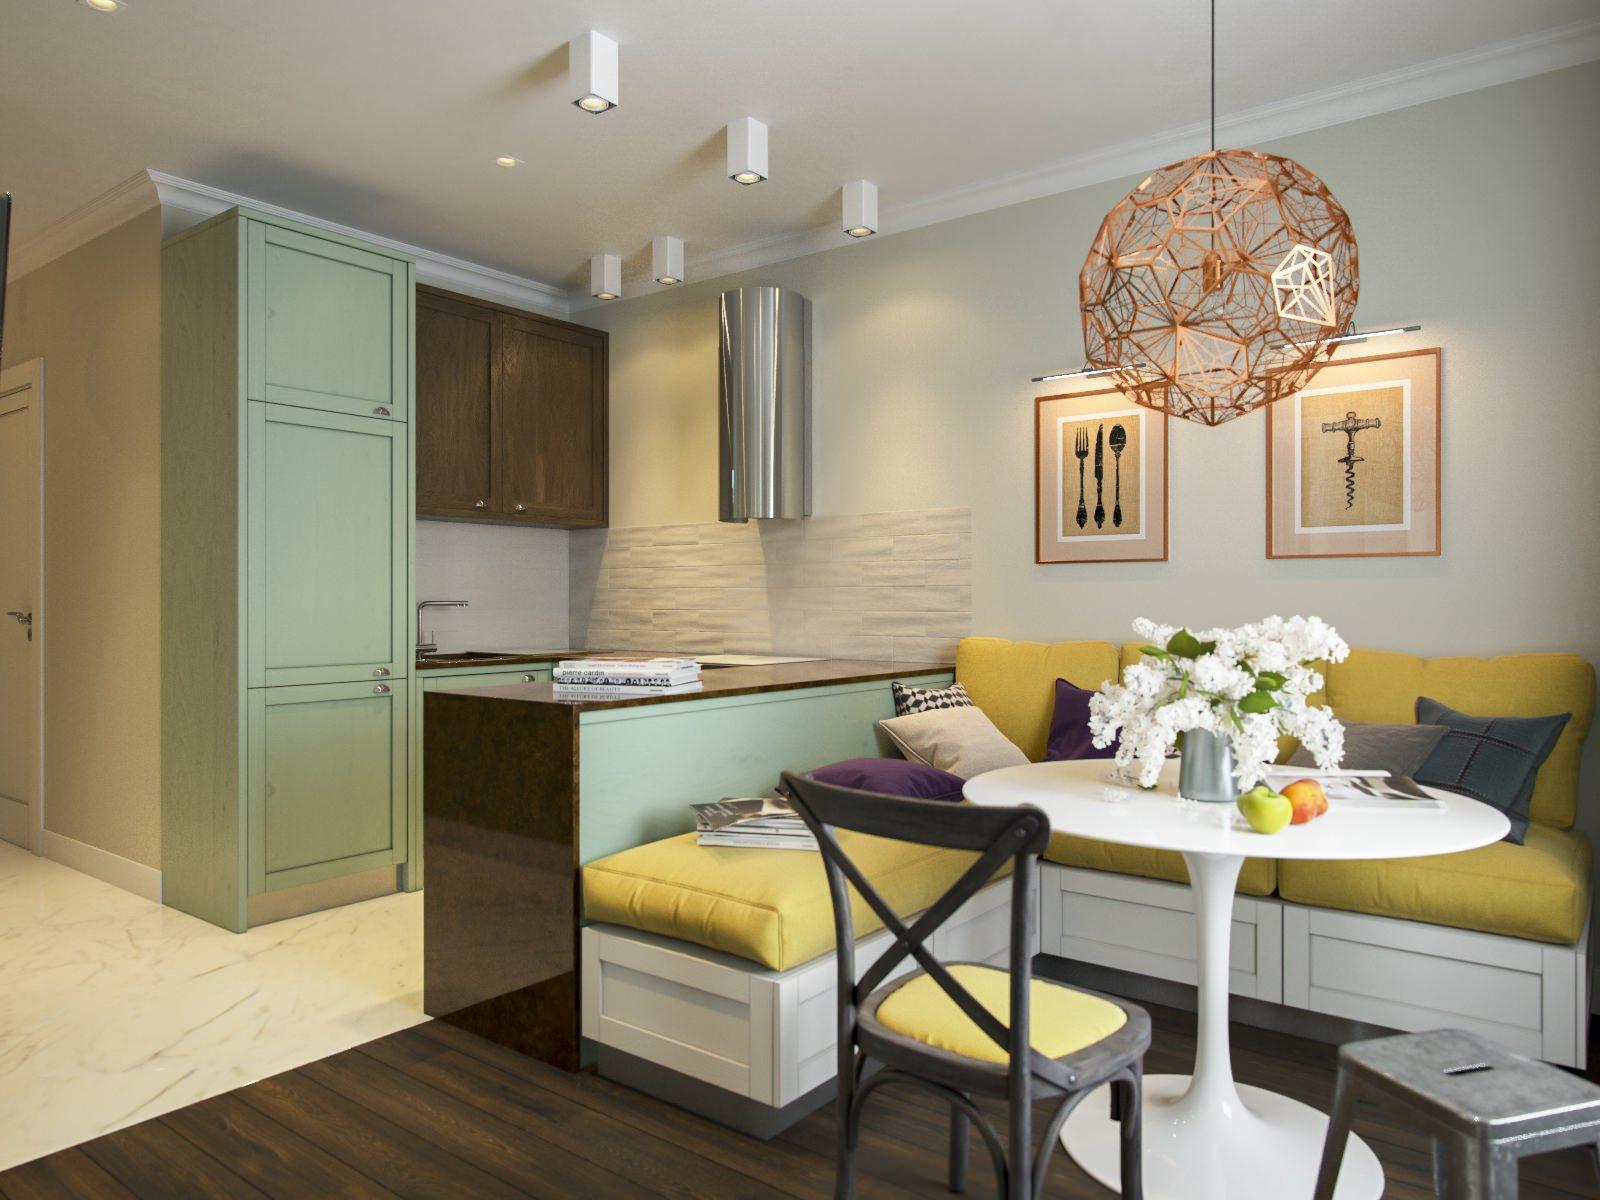 кухня-гостиная 15 квадратов дизайн фото